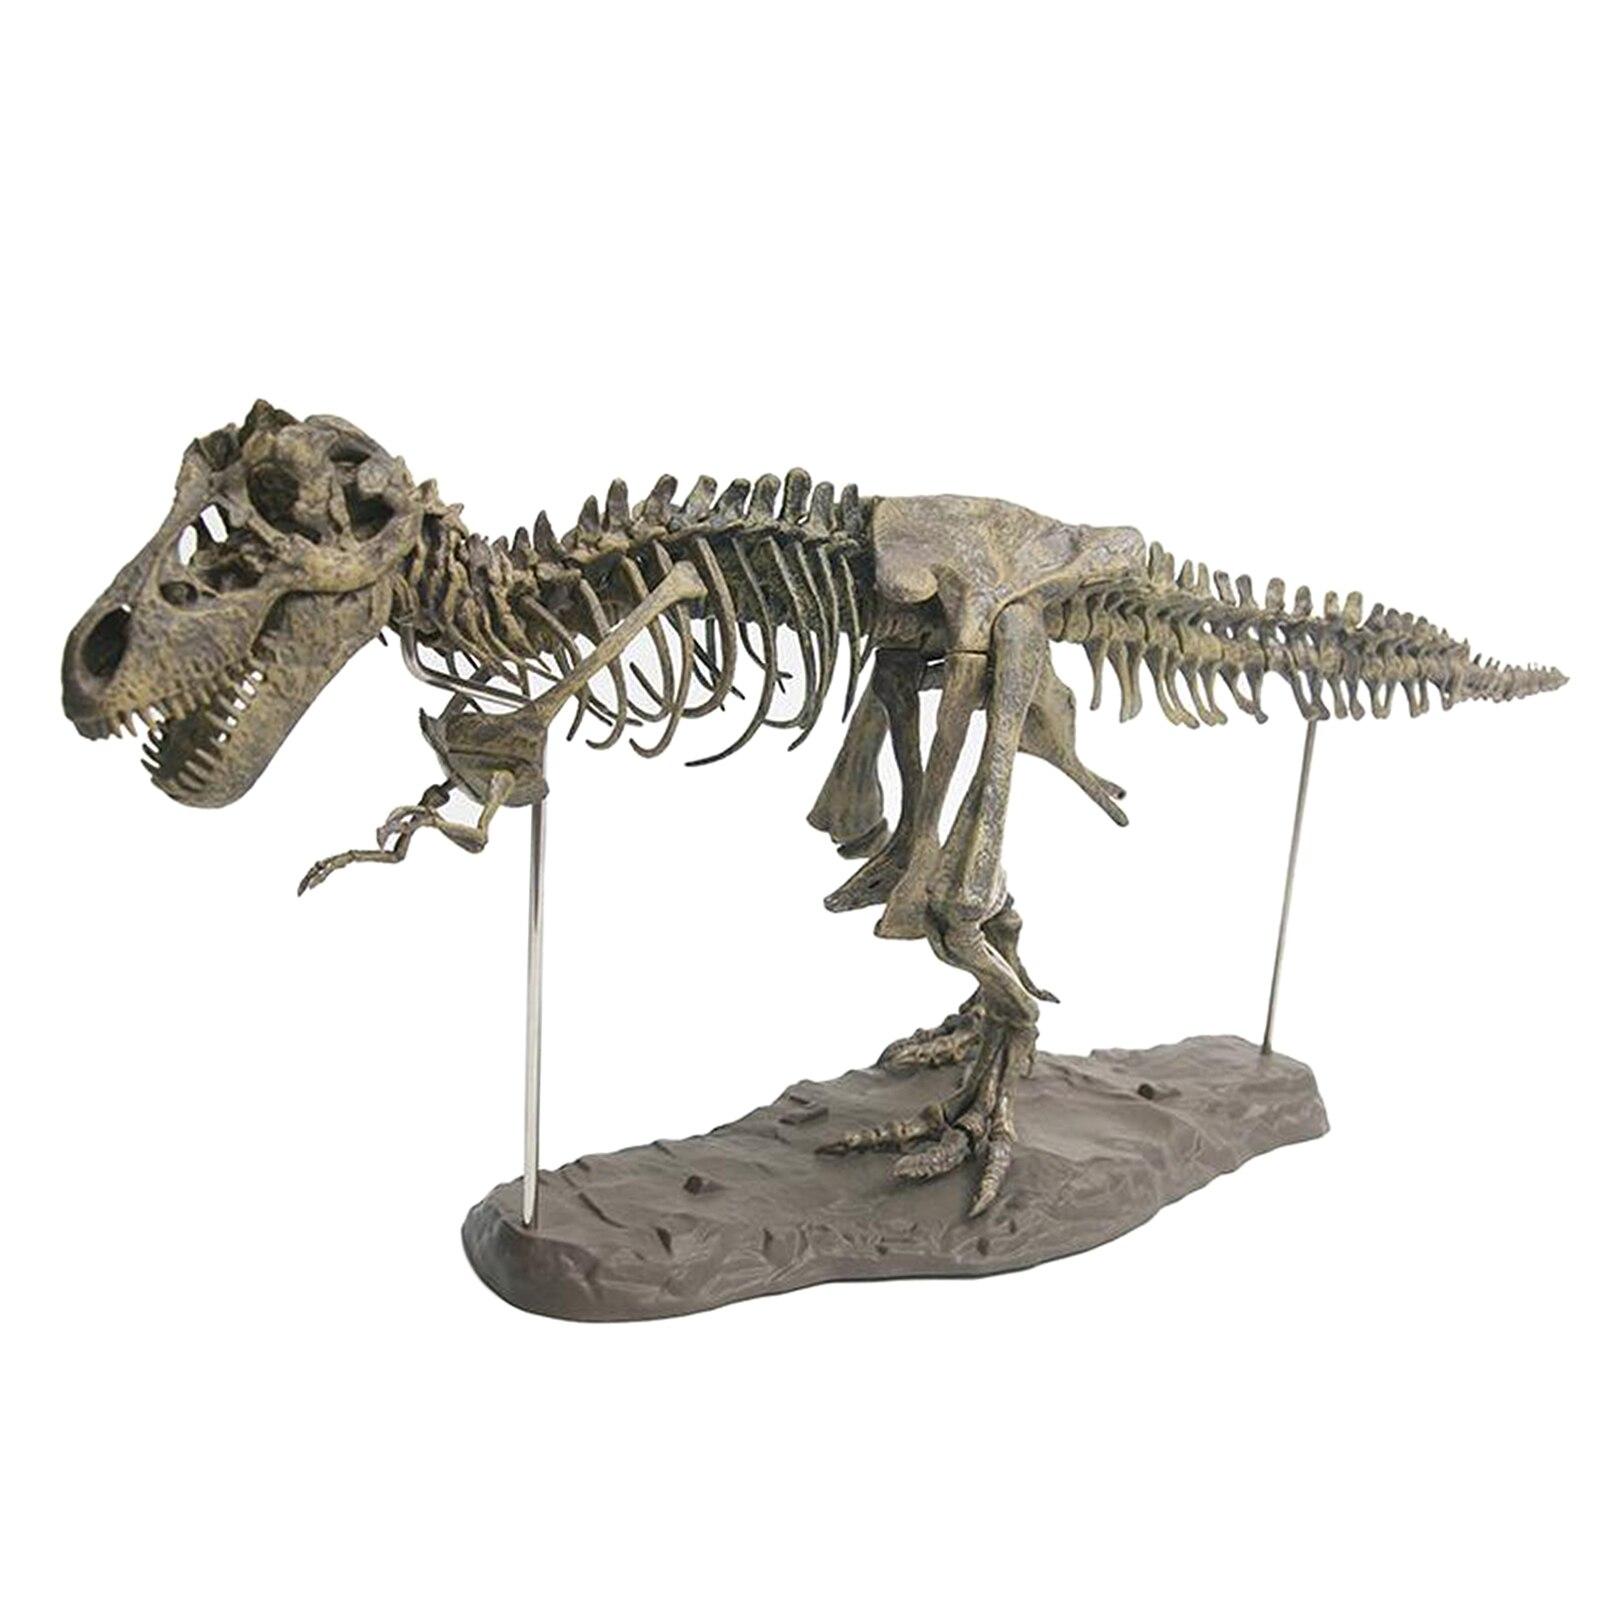 4d dinossauro modelo de montagem brinquedo brinquedos educativos desenvolver criancas